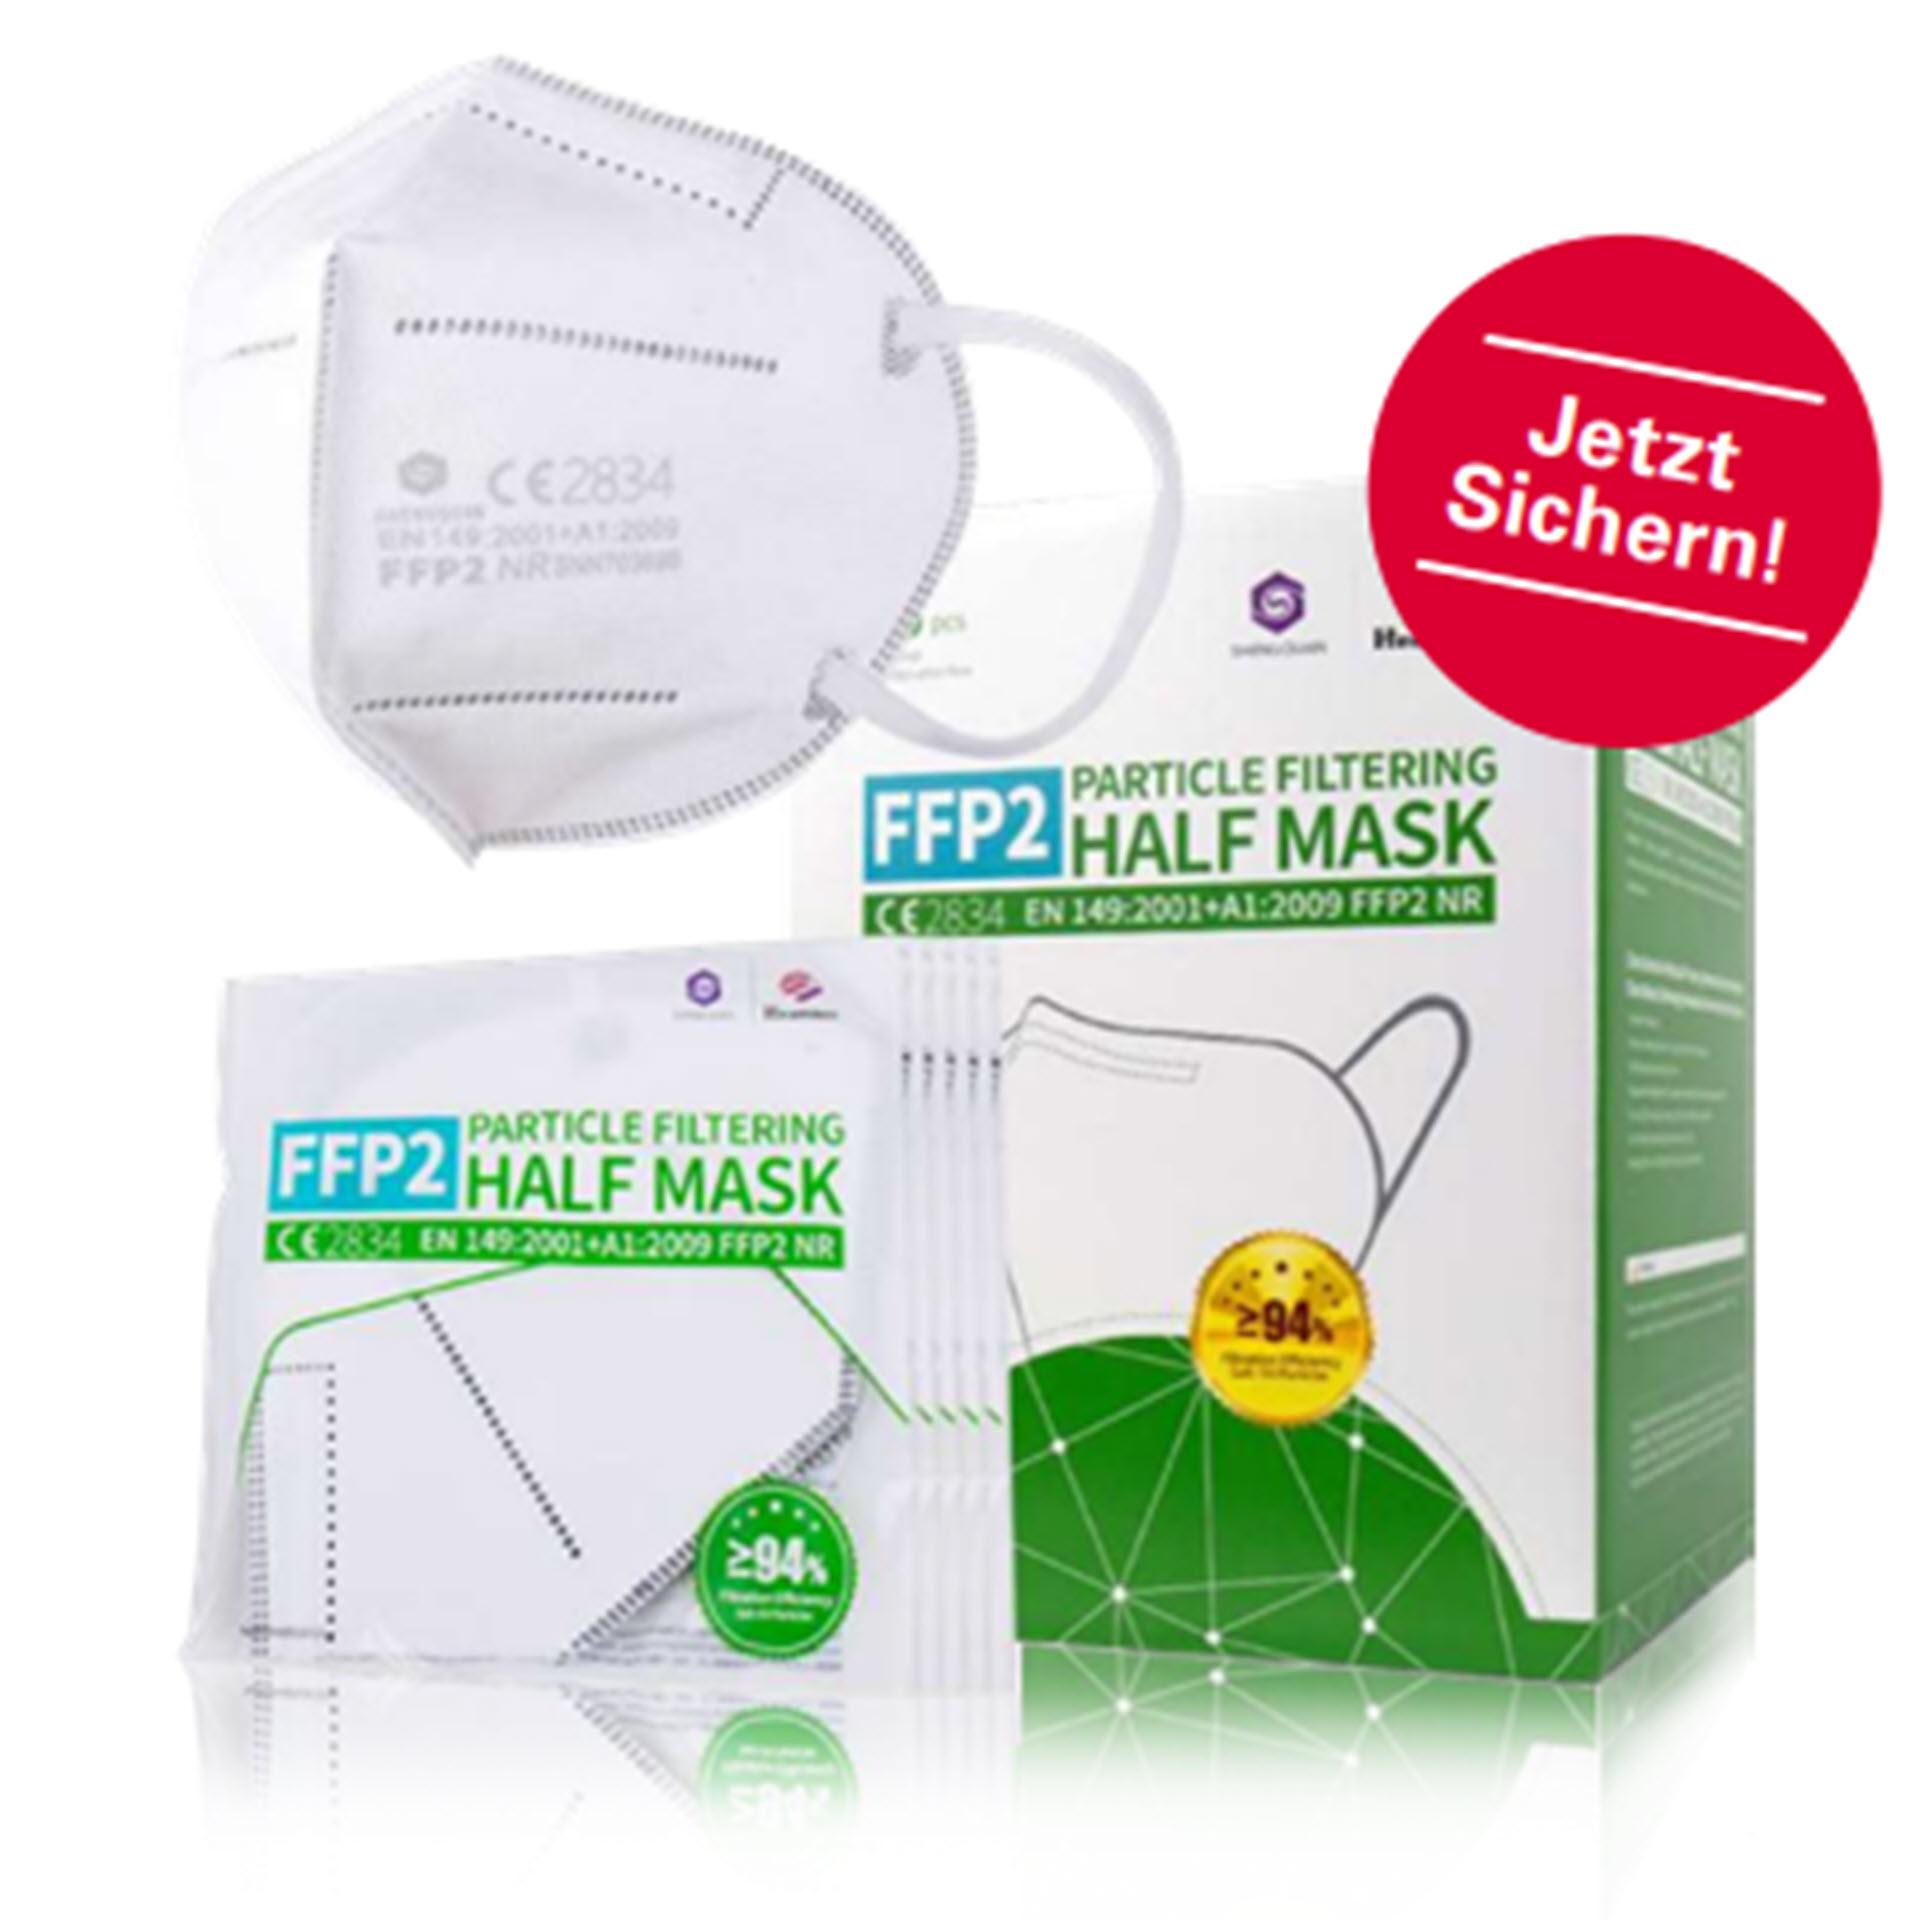 2er Pack Atemschutzmaske - FFP2 NR Schutzklasse - Particle Filtering Half Mask (EN146:2001+A1:2009)